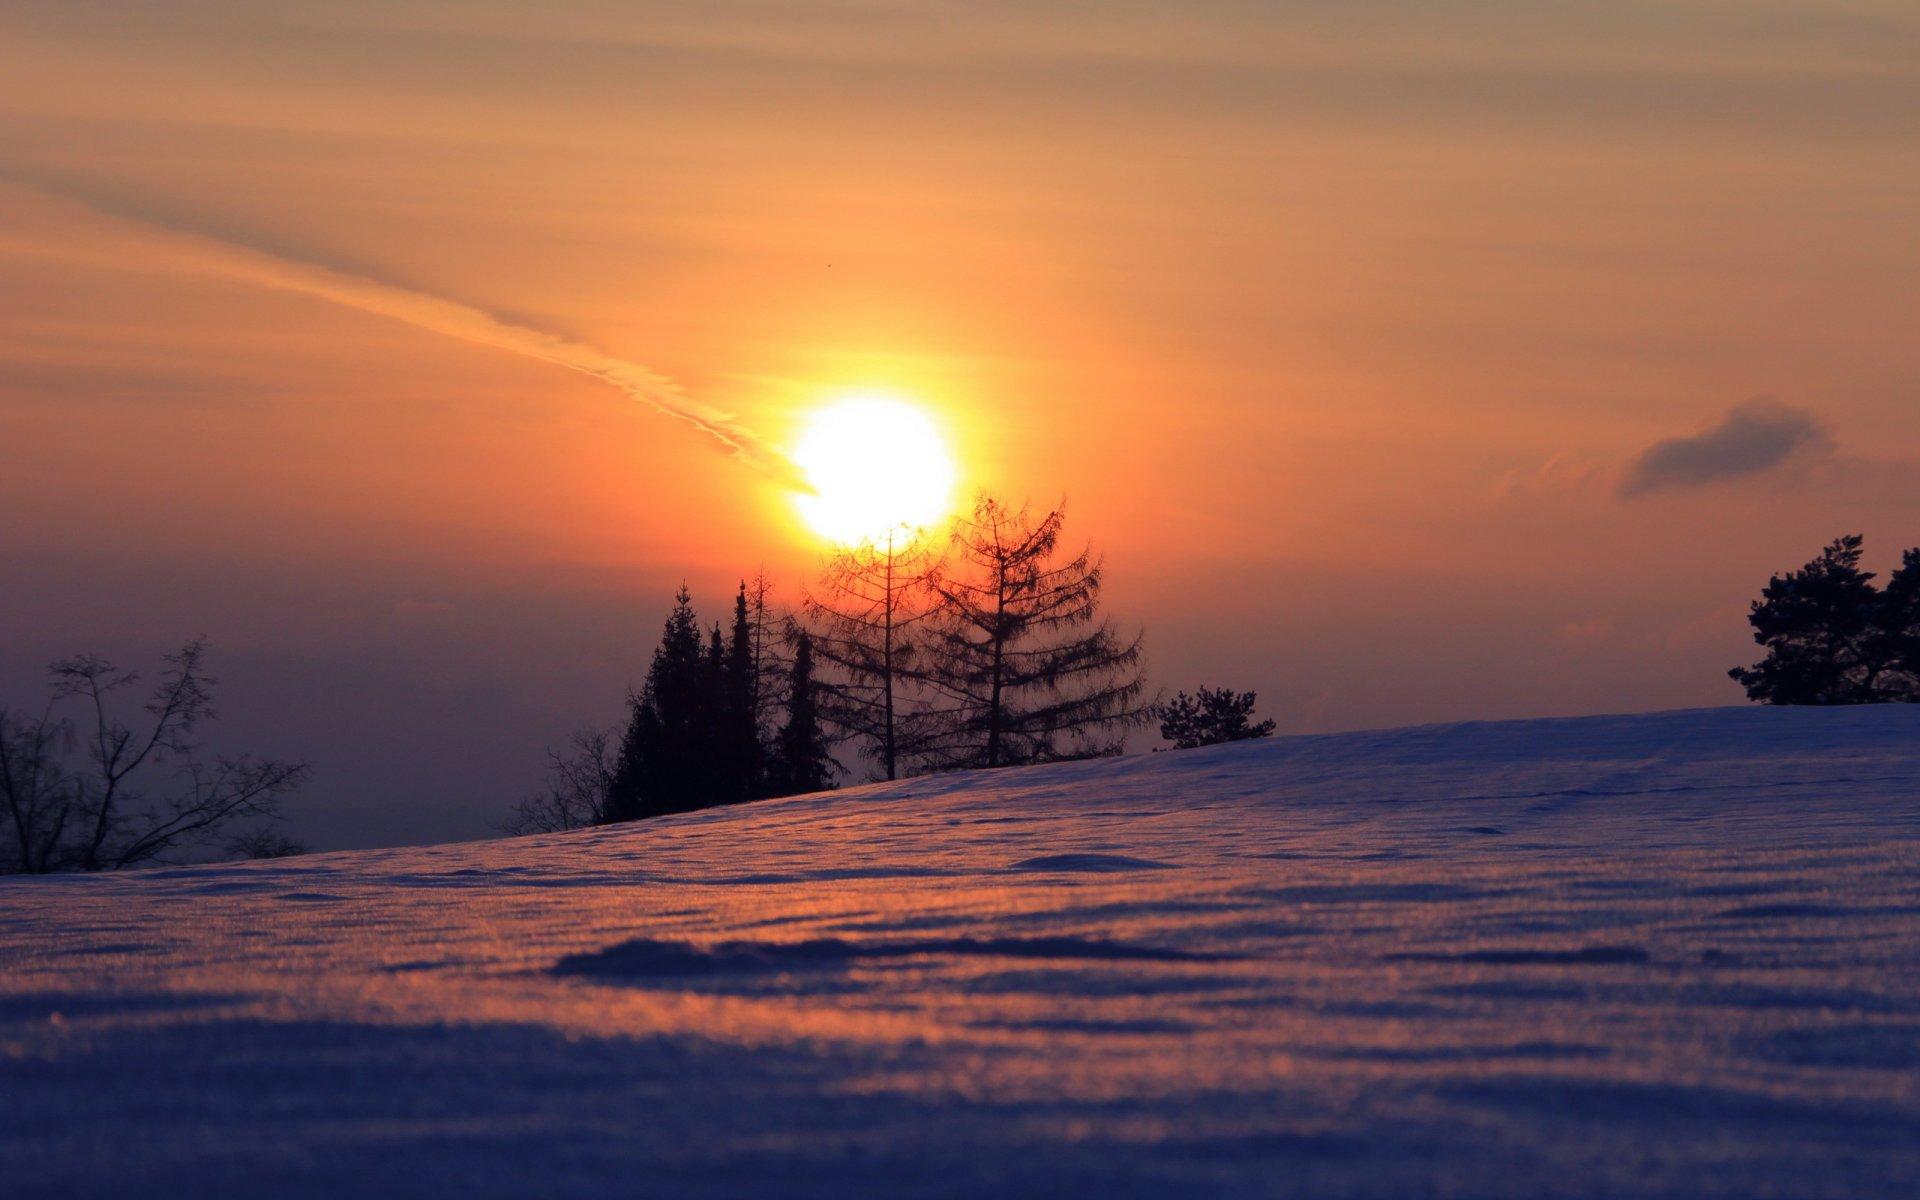 закат над снежной степью  № 831916 загрузить